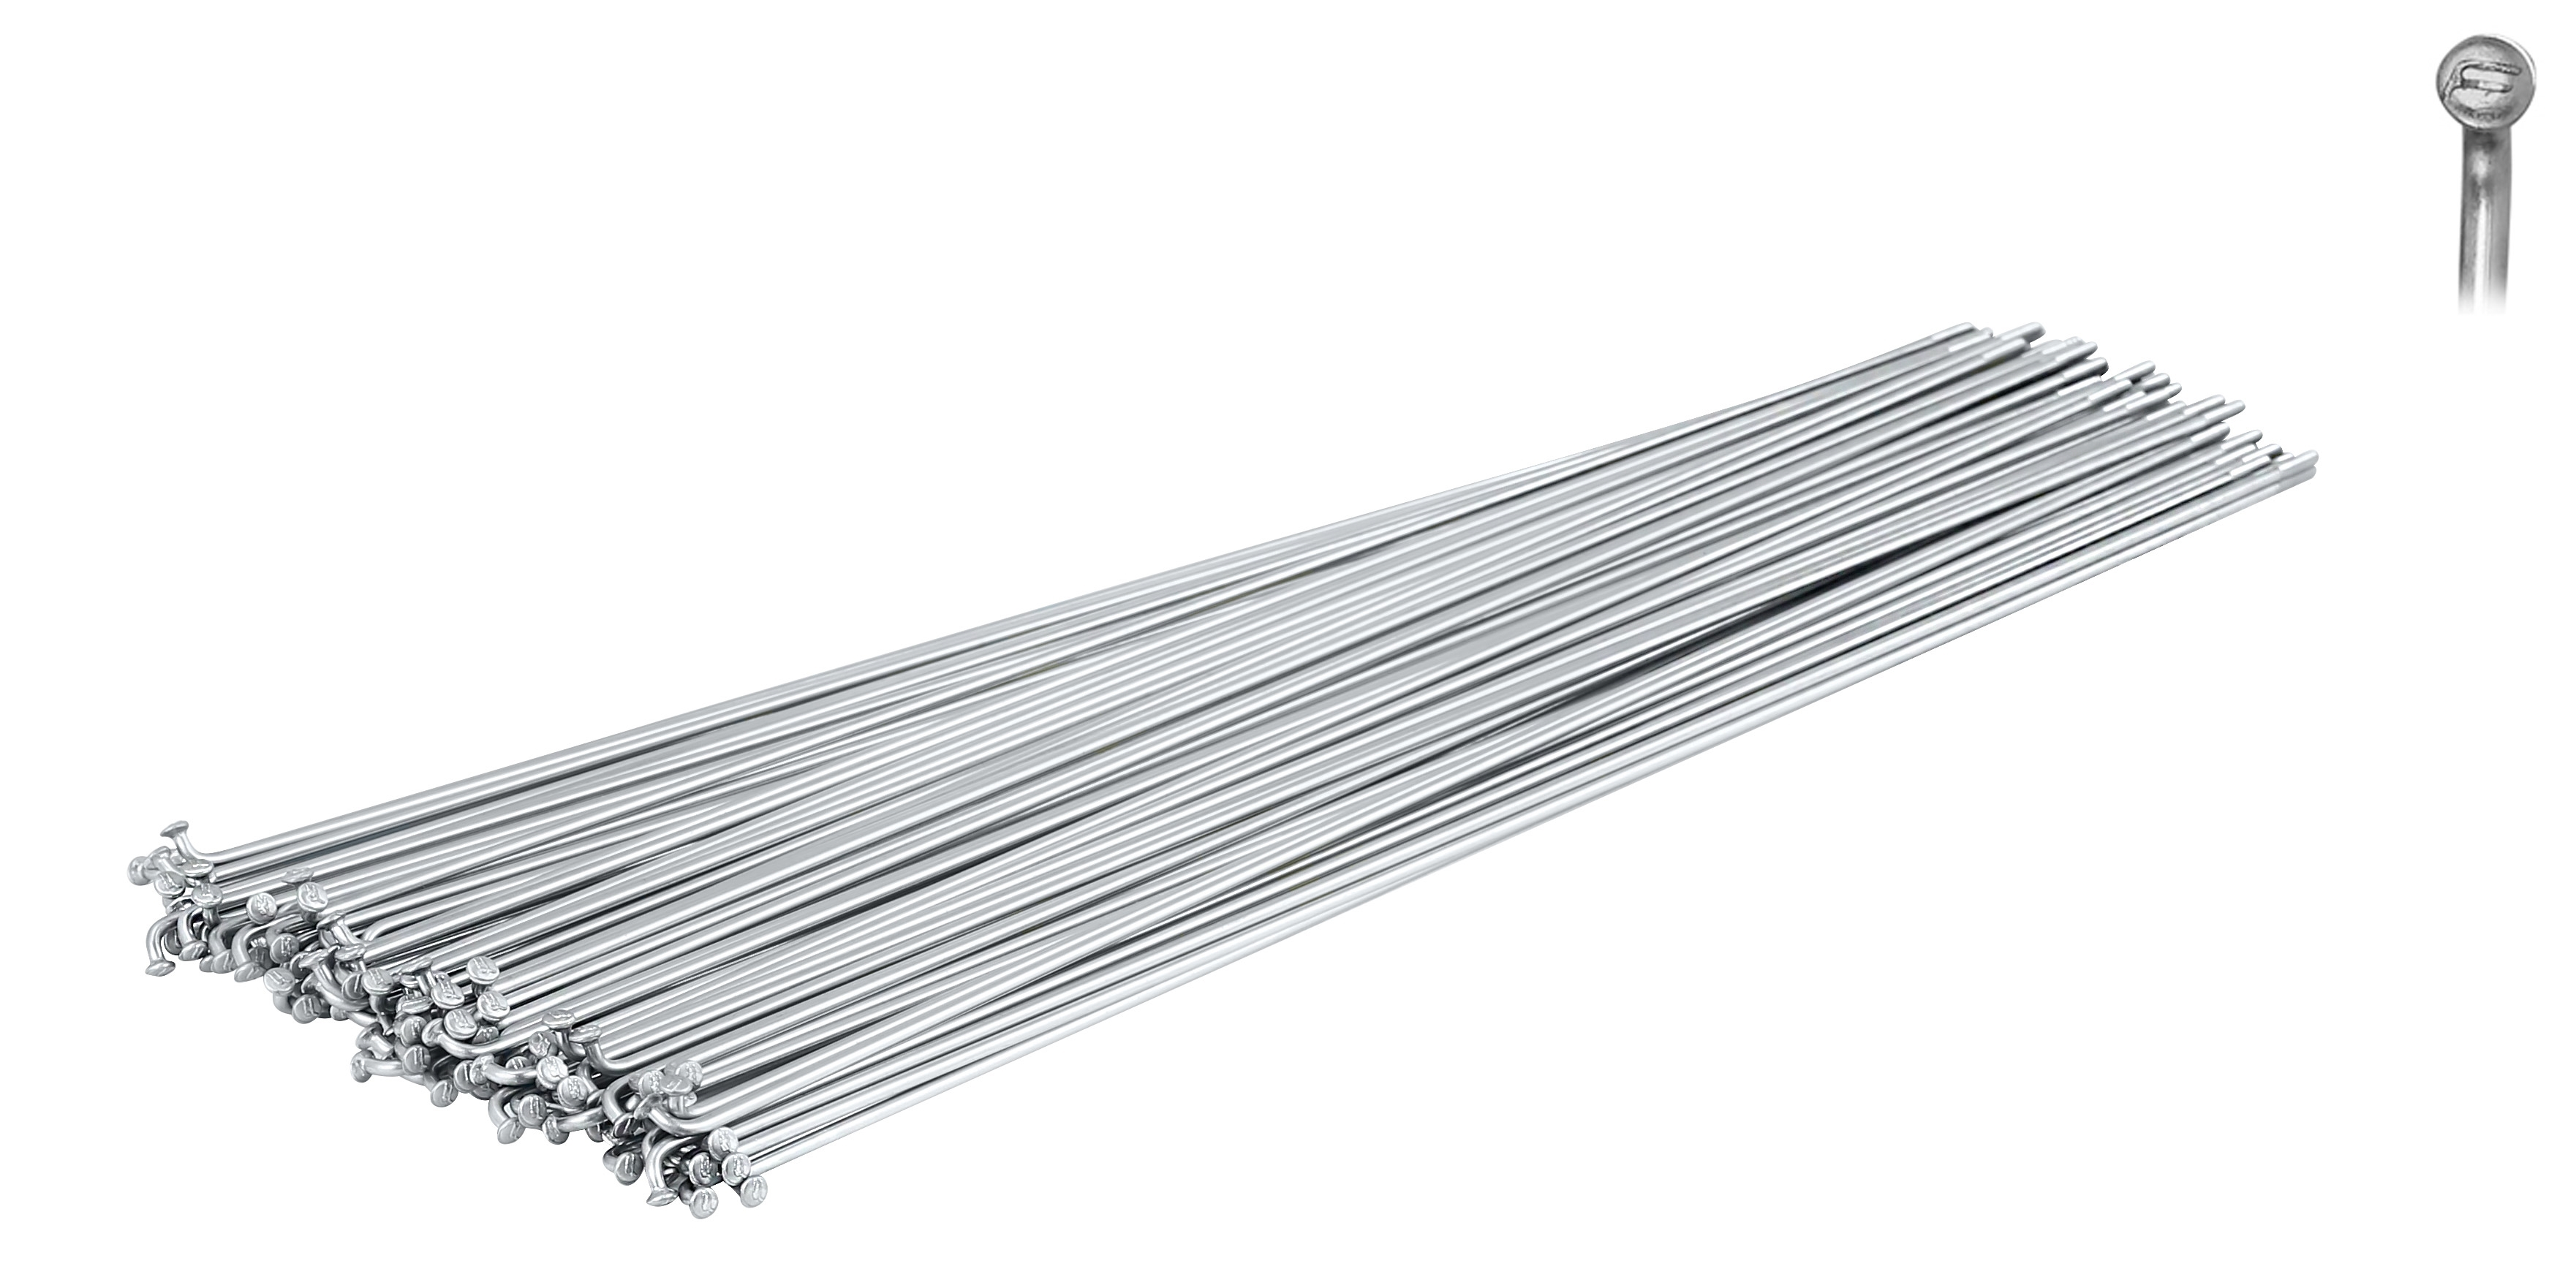 dráty FORCE nerez stříbrné 2 mm x 274 mm